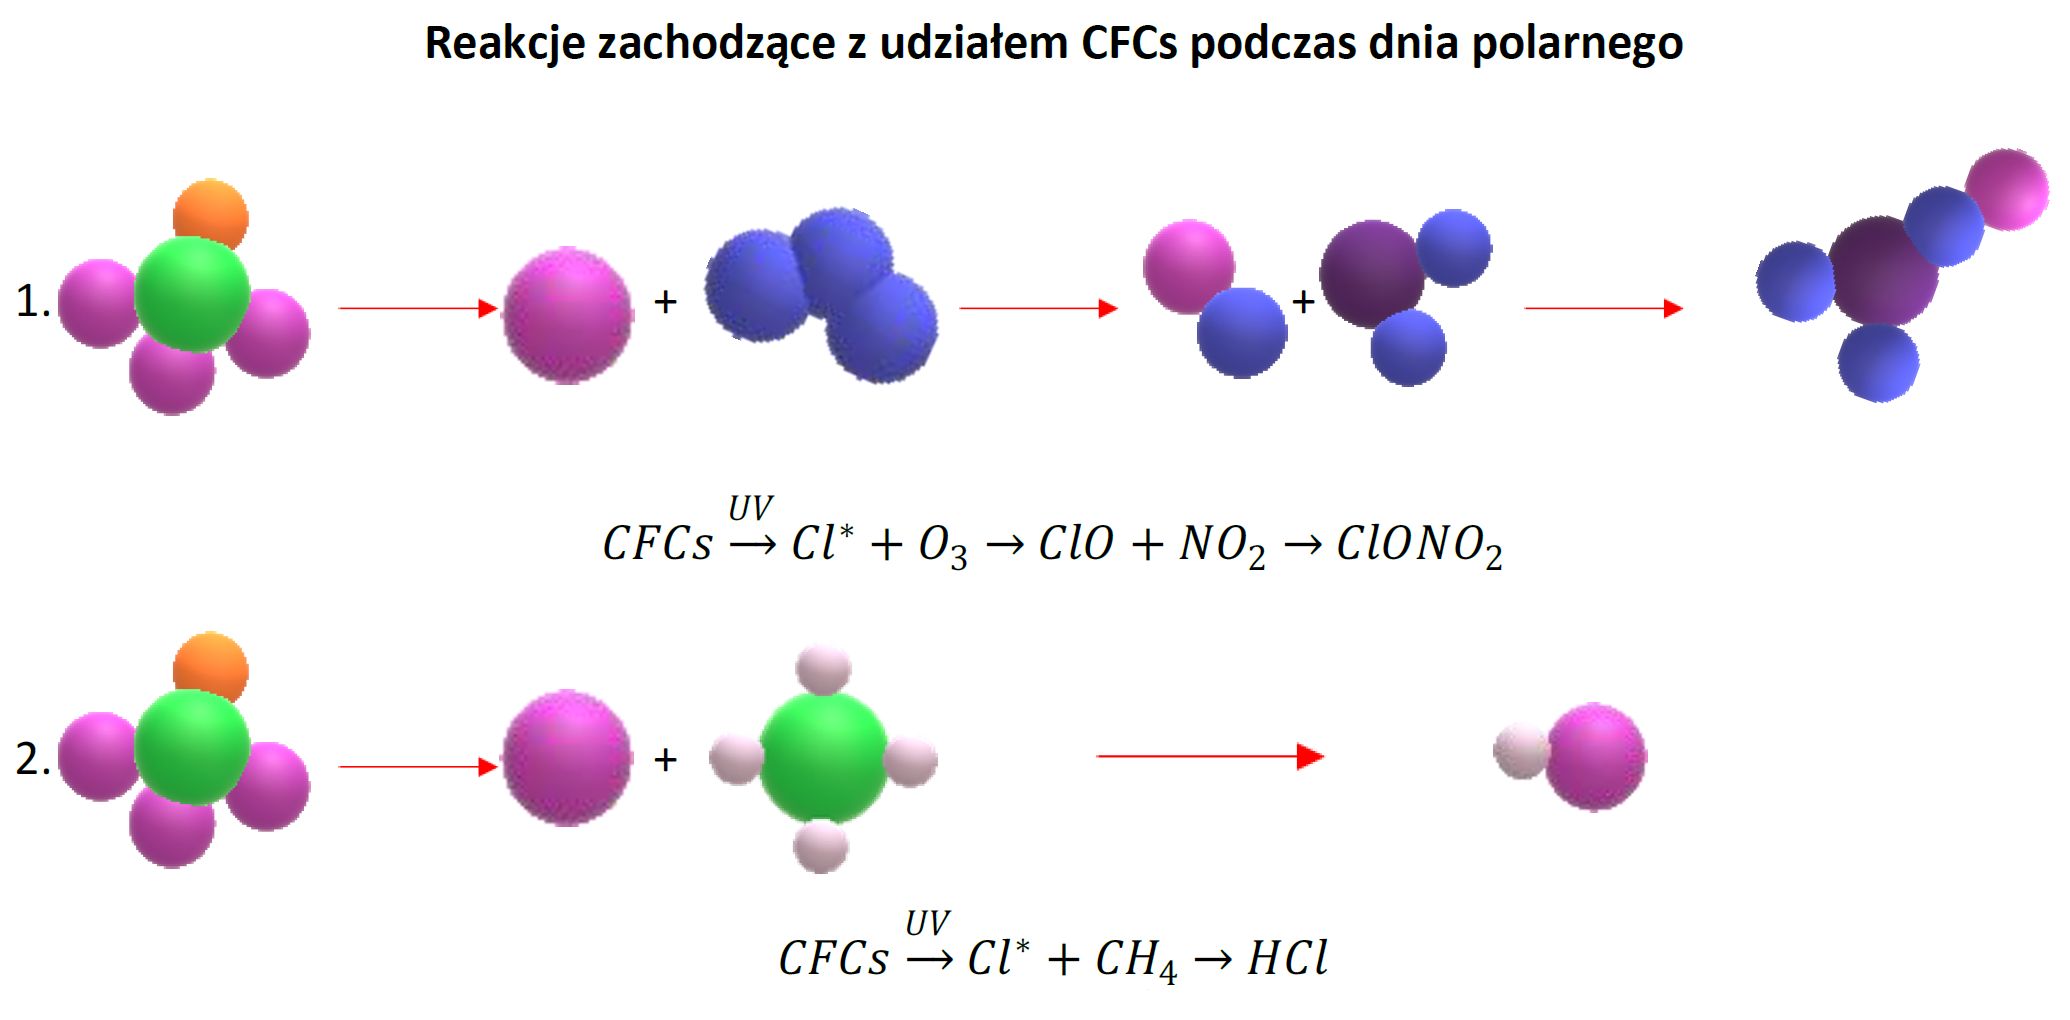 Reakcje zachodzące z udziałem CFCs podczas dnia polarnego